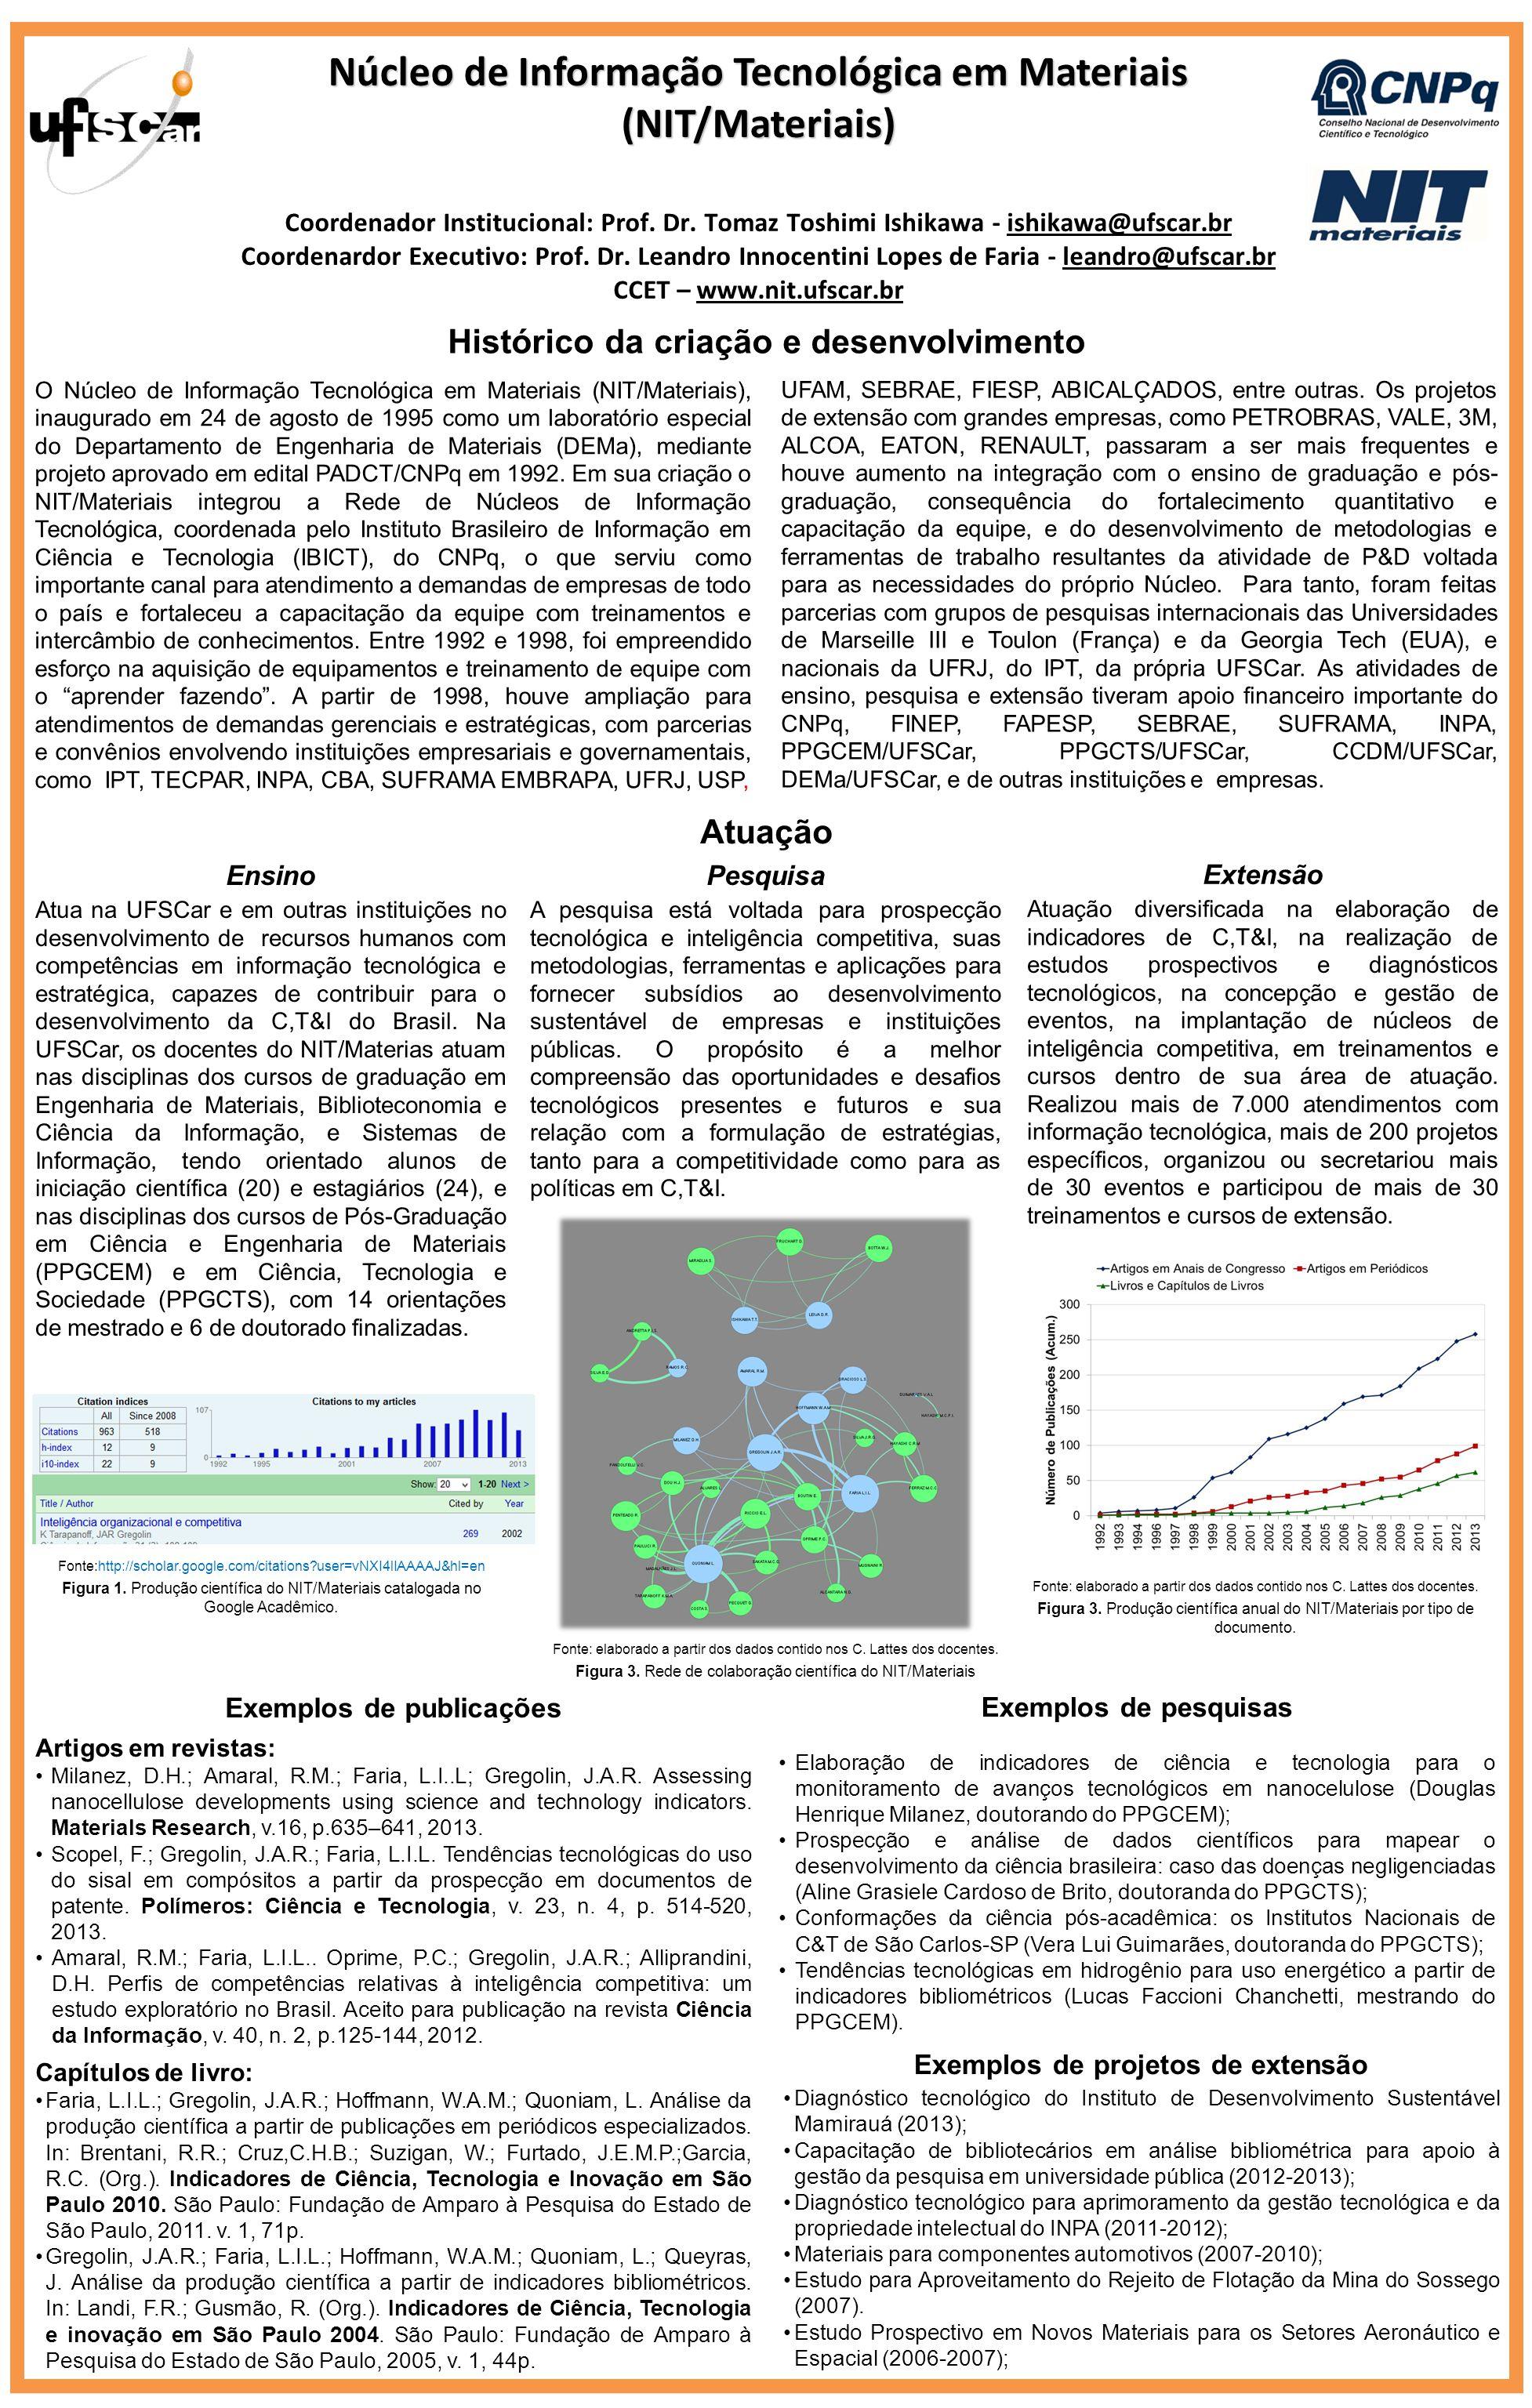 Núcleo de Informação Tecnológica em Materiais (NIT/Materiais)